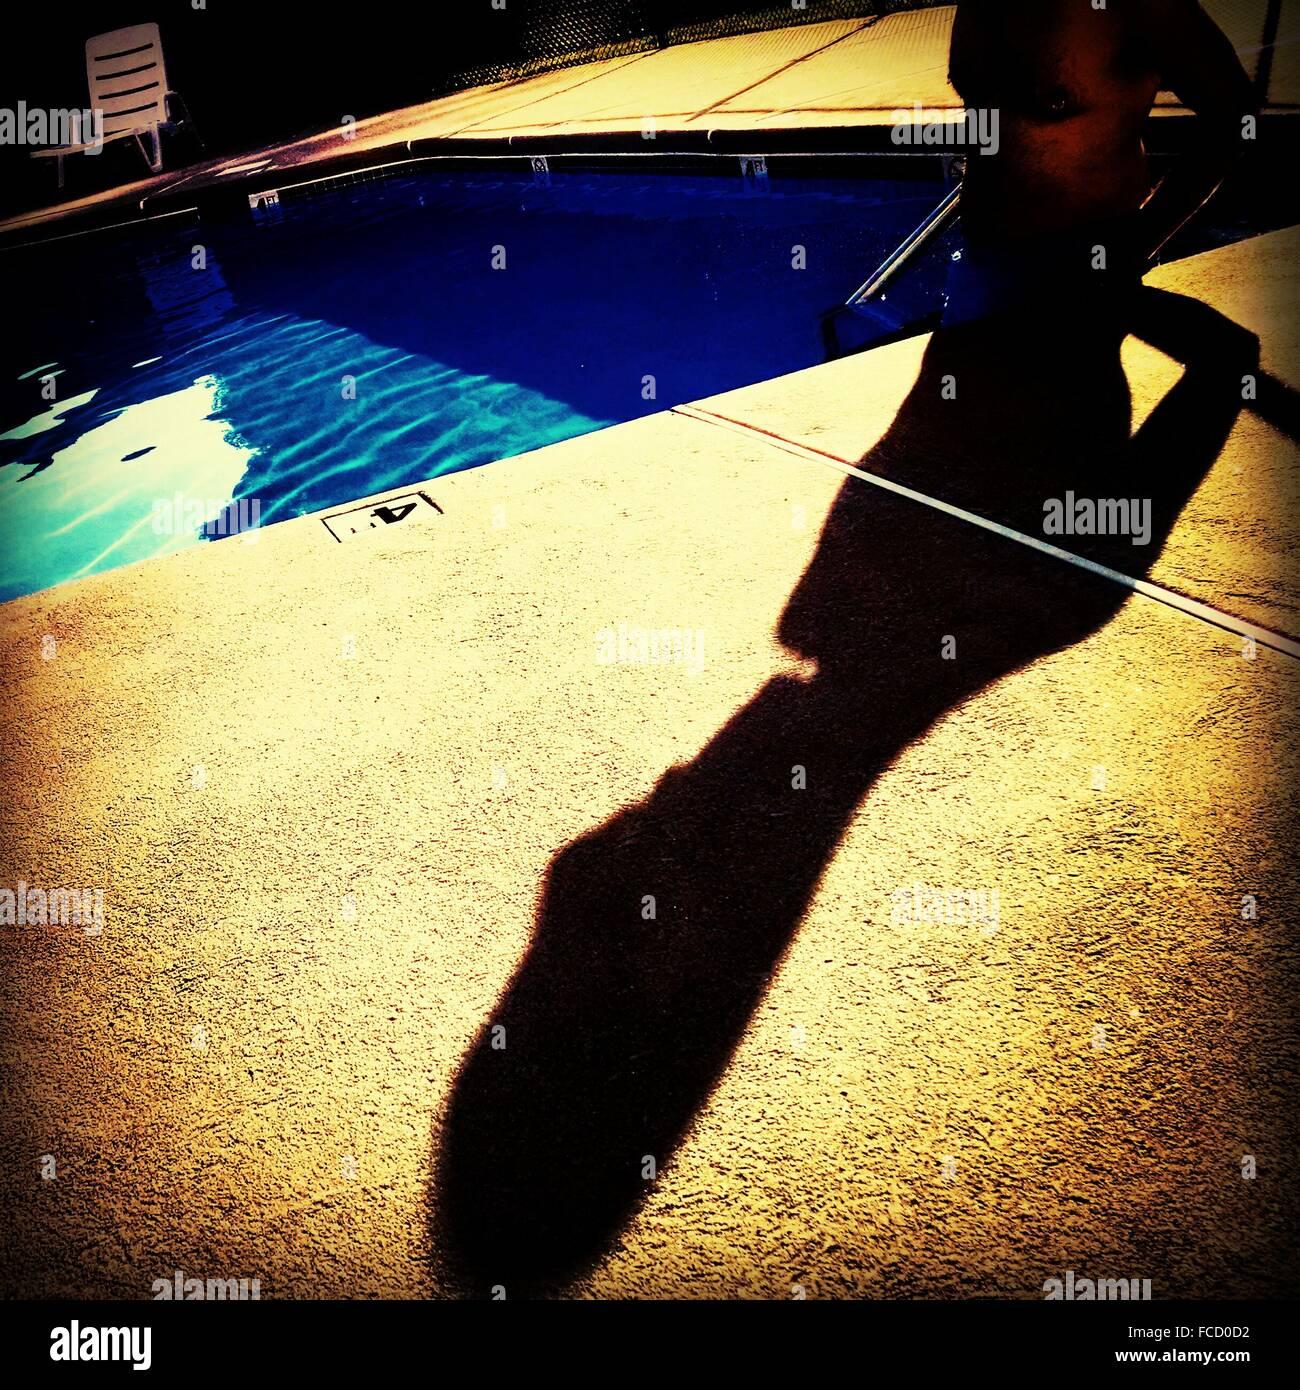 La sombra de un hombre en la piscina Imagen De Stock